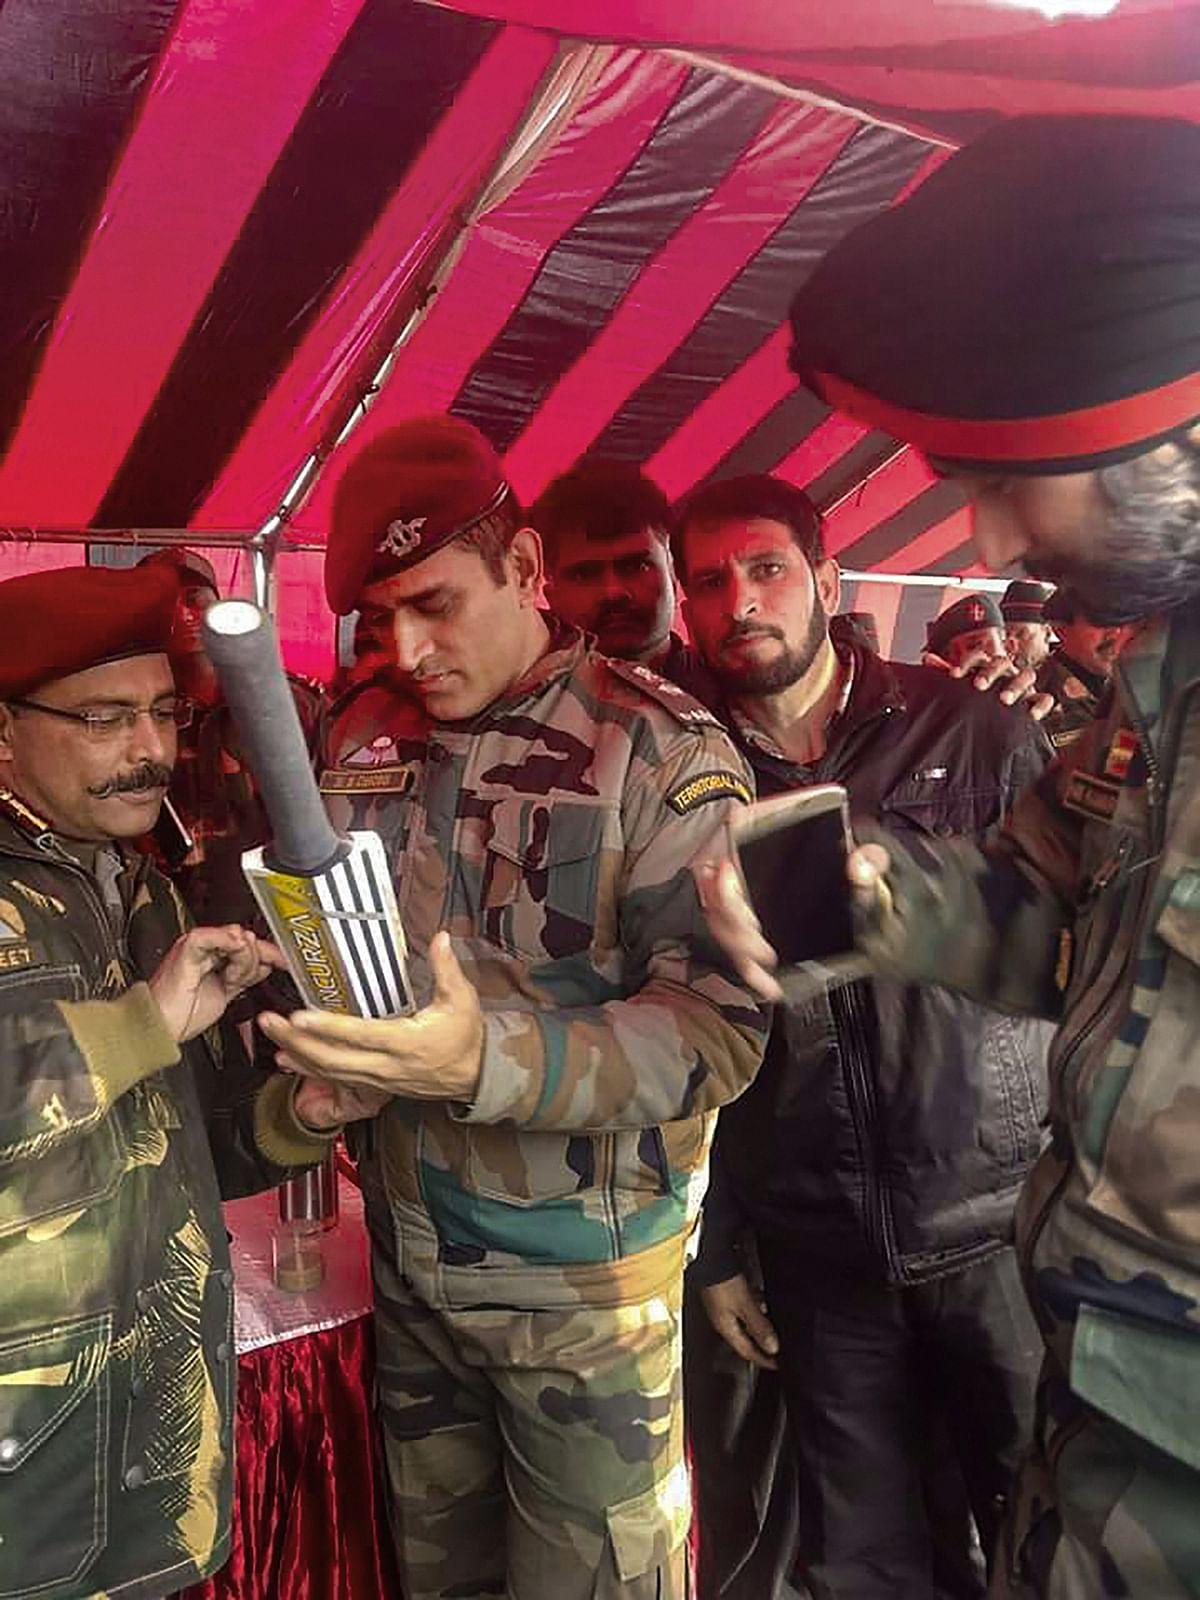 MS Dhoni in his Army uniform, signing a bat in Srinagar.